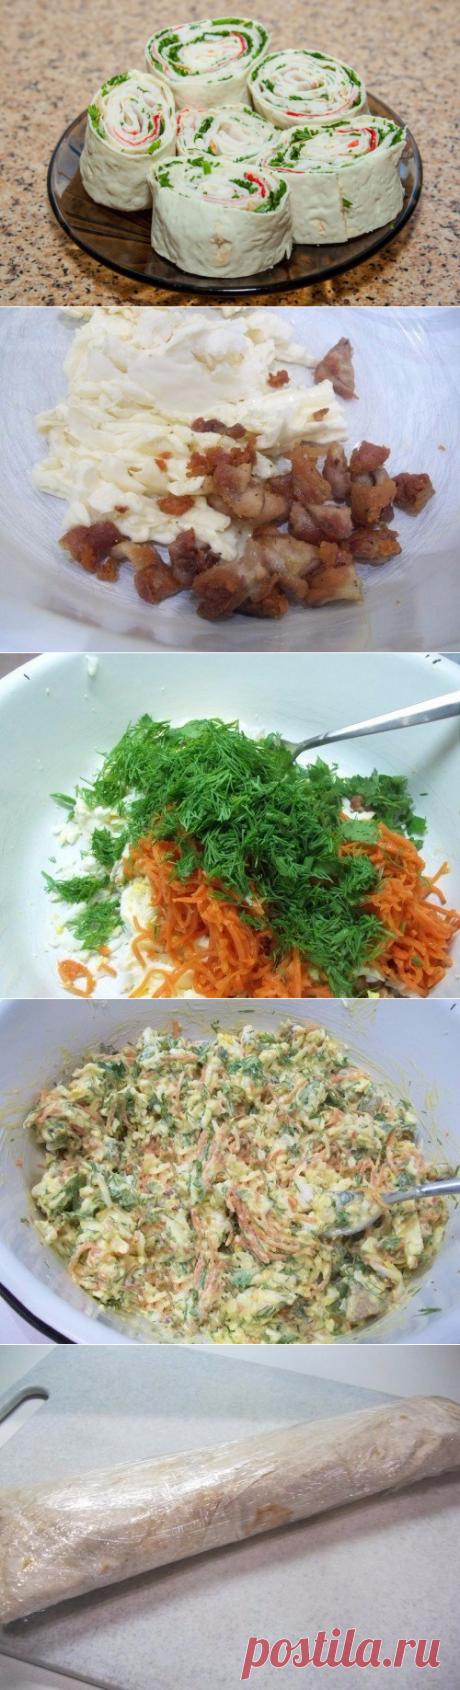 Как приготовить быстрая закуска из лаваша с еврейским салатом - рецепт, ингридиенты и фотографии